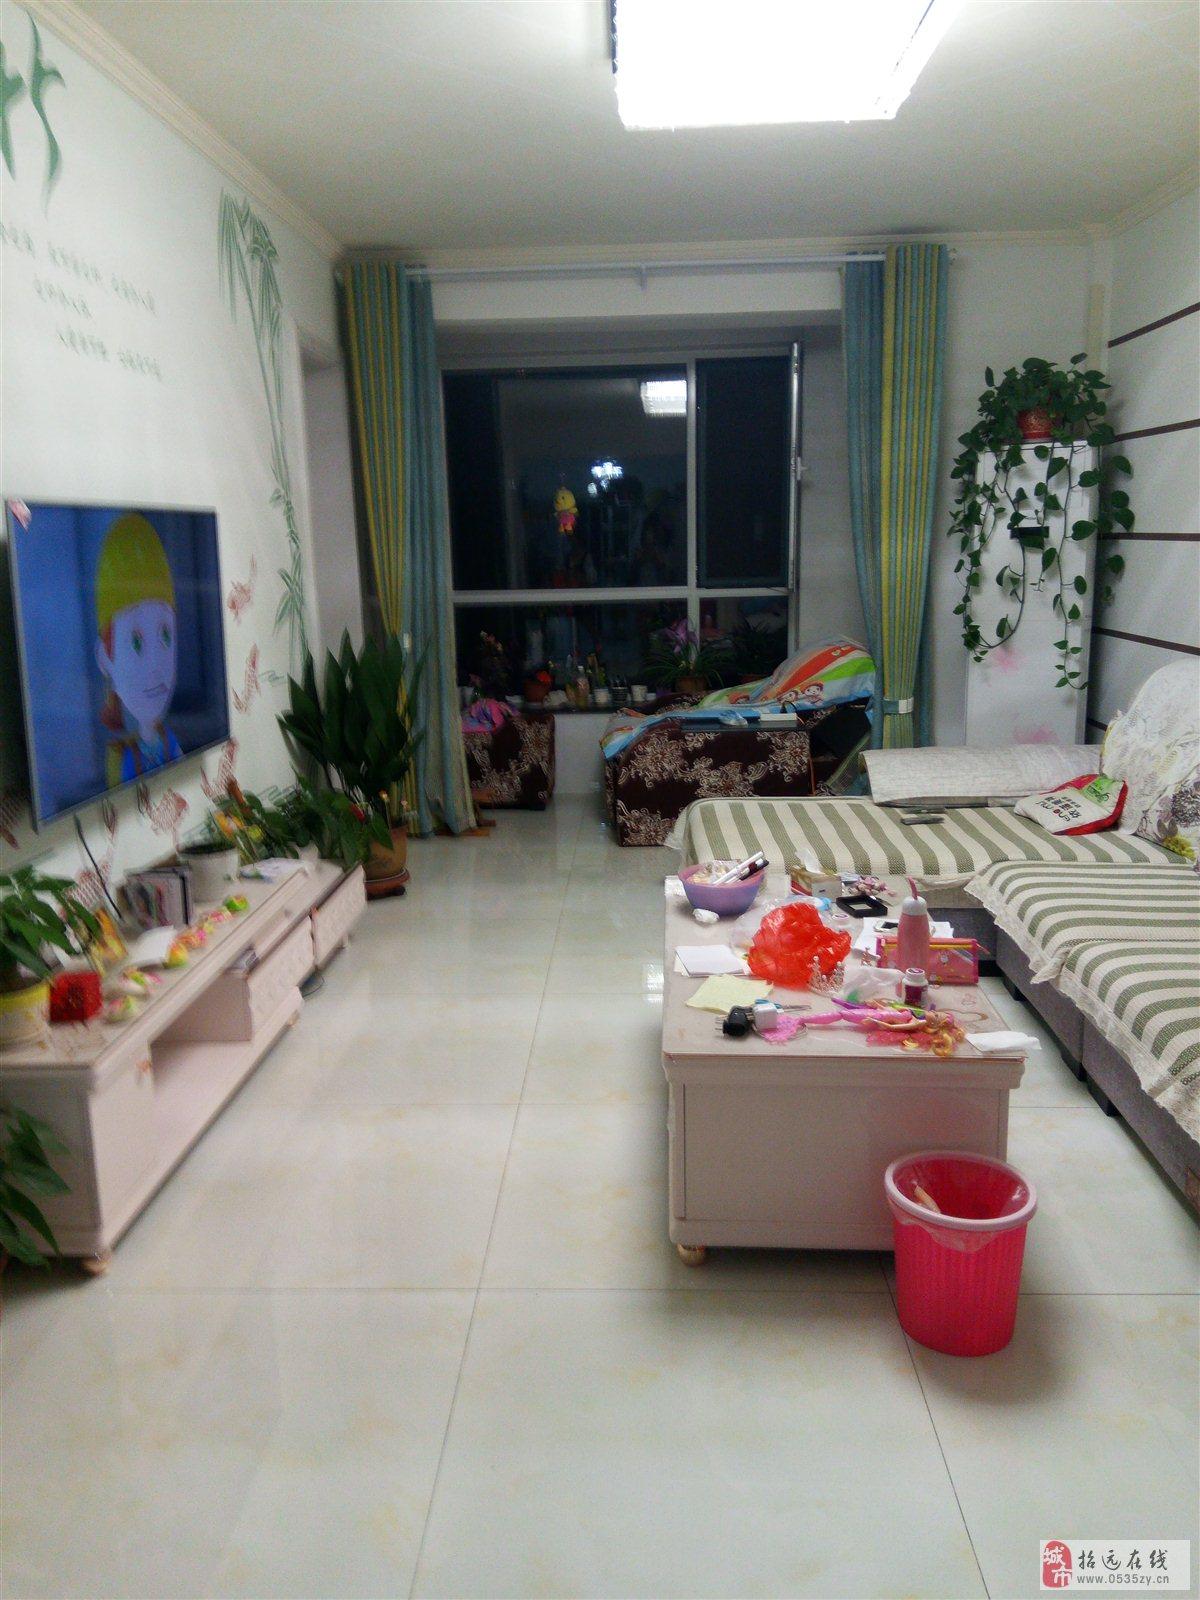 招远出售福溪居5楼白色精装3室2厅2卫72万元